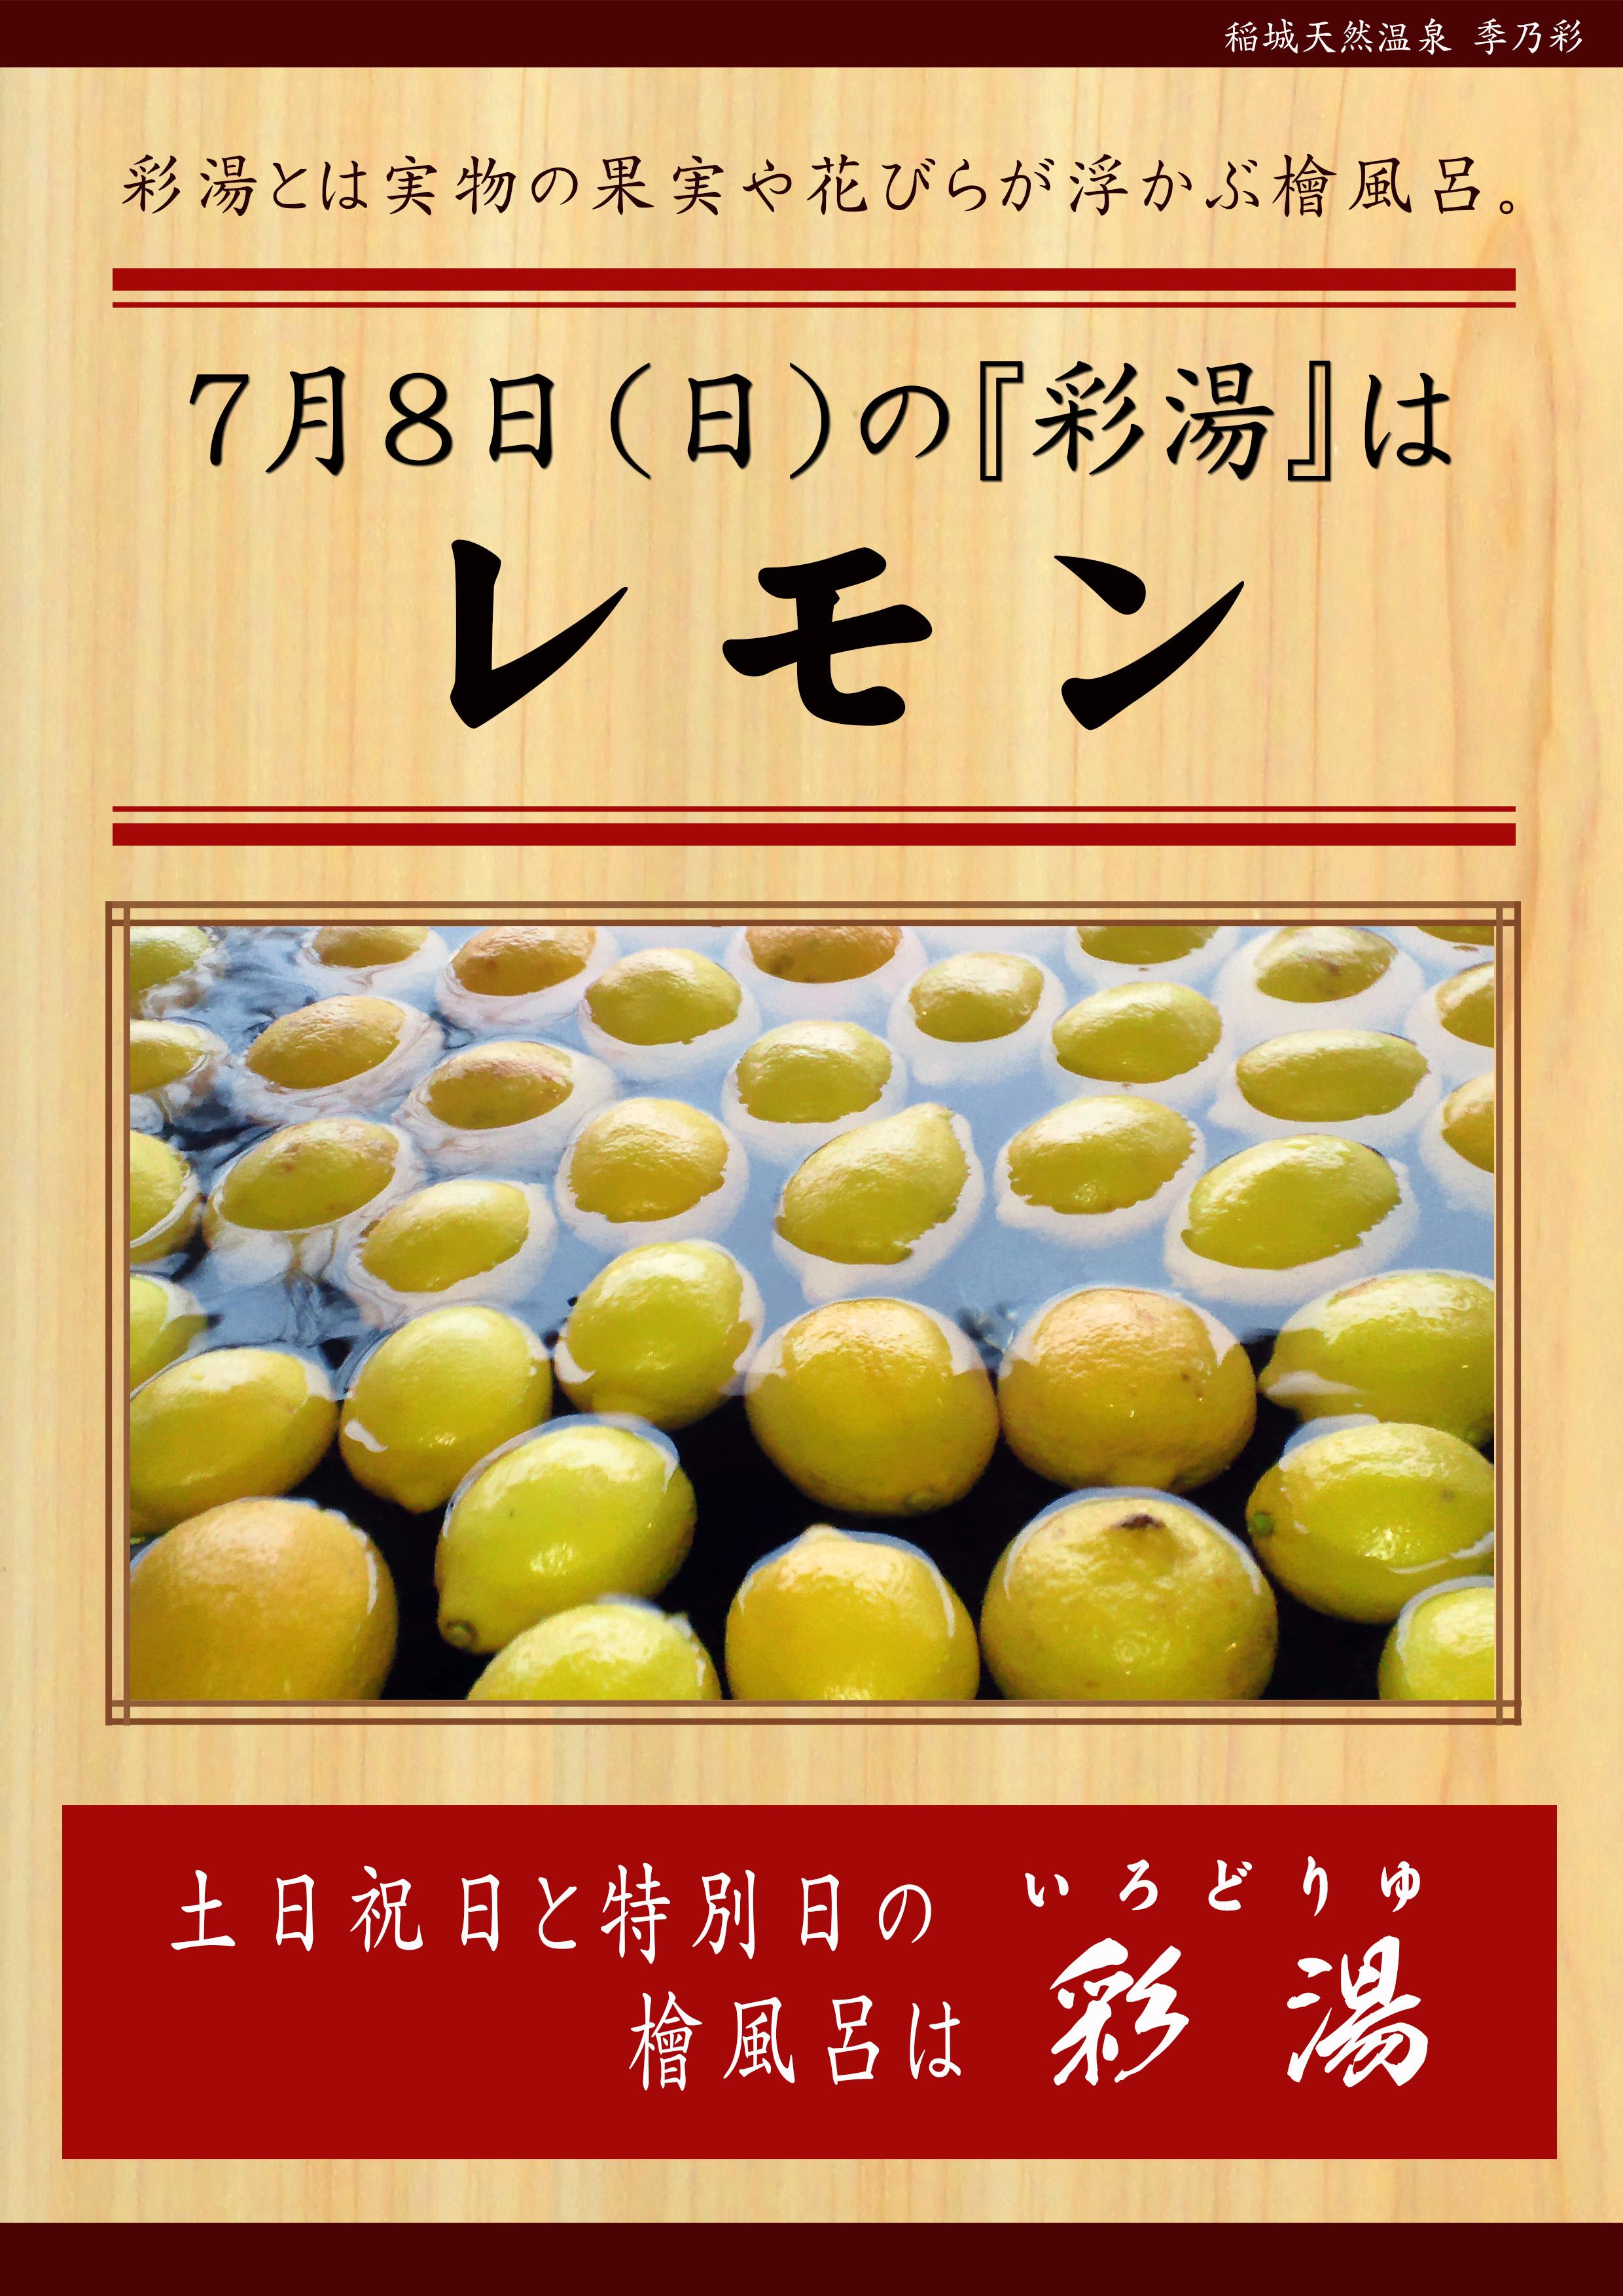 20180708POP イベント 彩湯 レモン